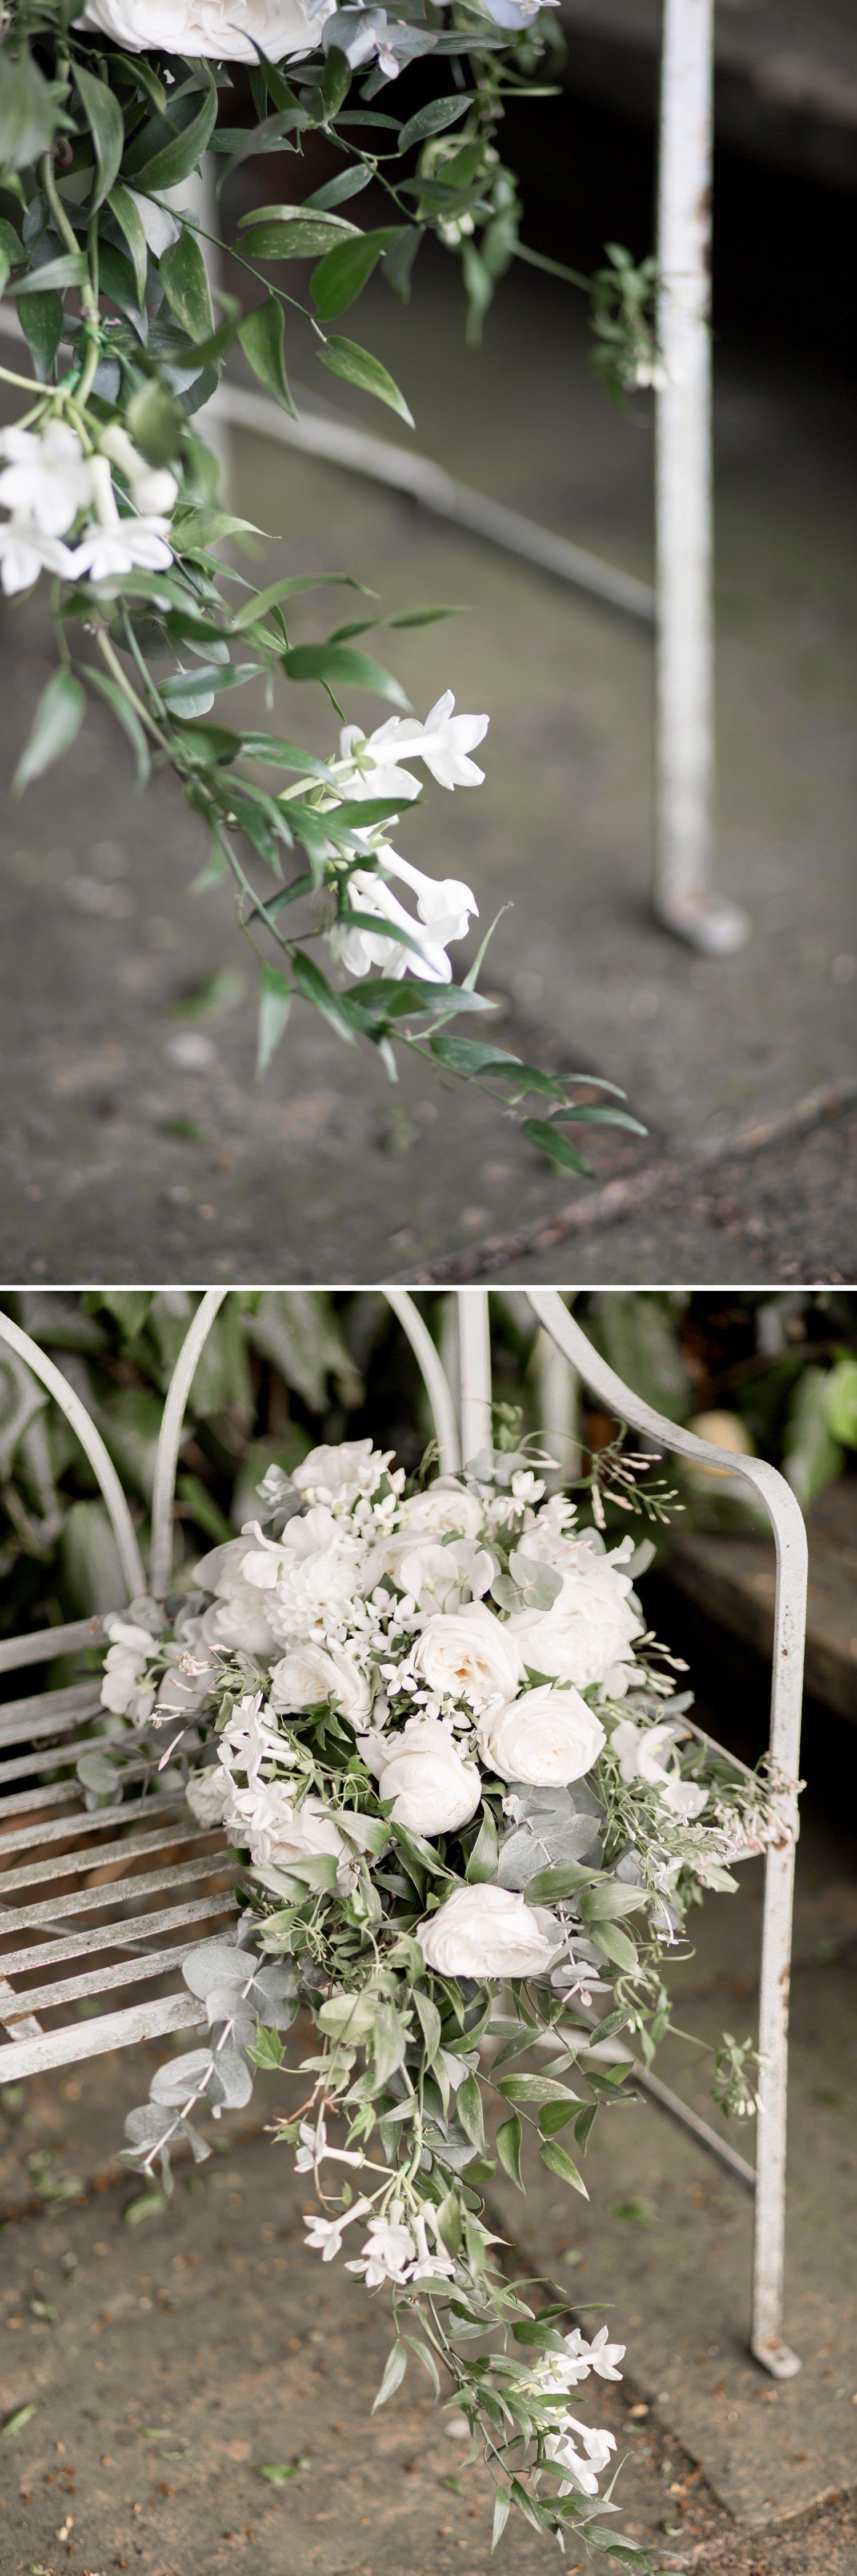 Emily & Jonathan's Cambridgeshire wedding - trailing bridal bouquet